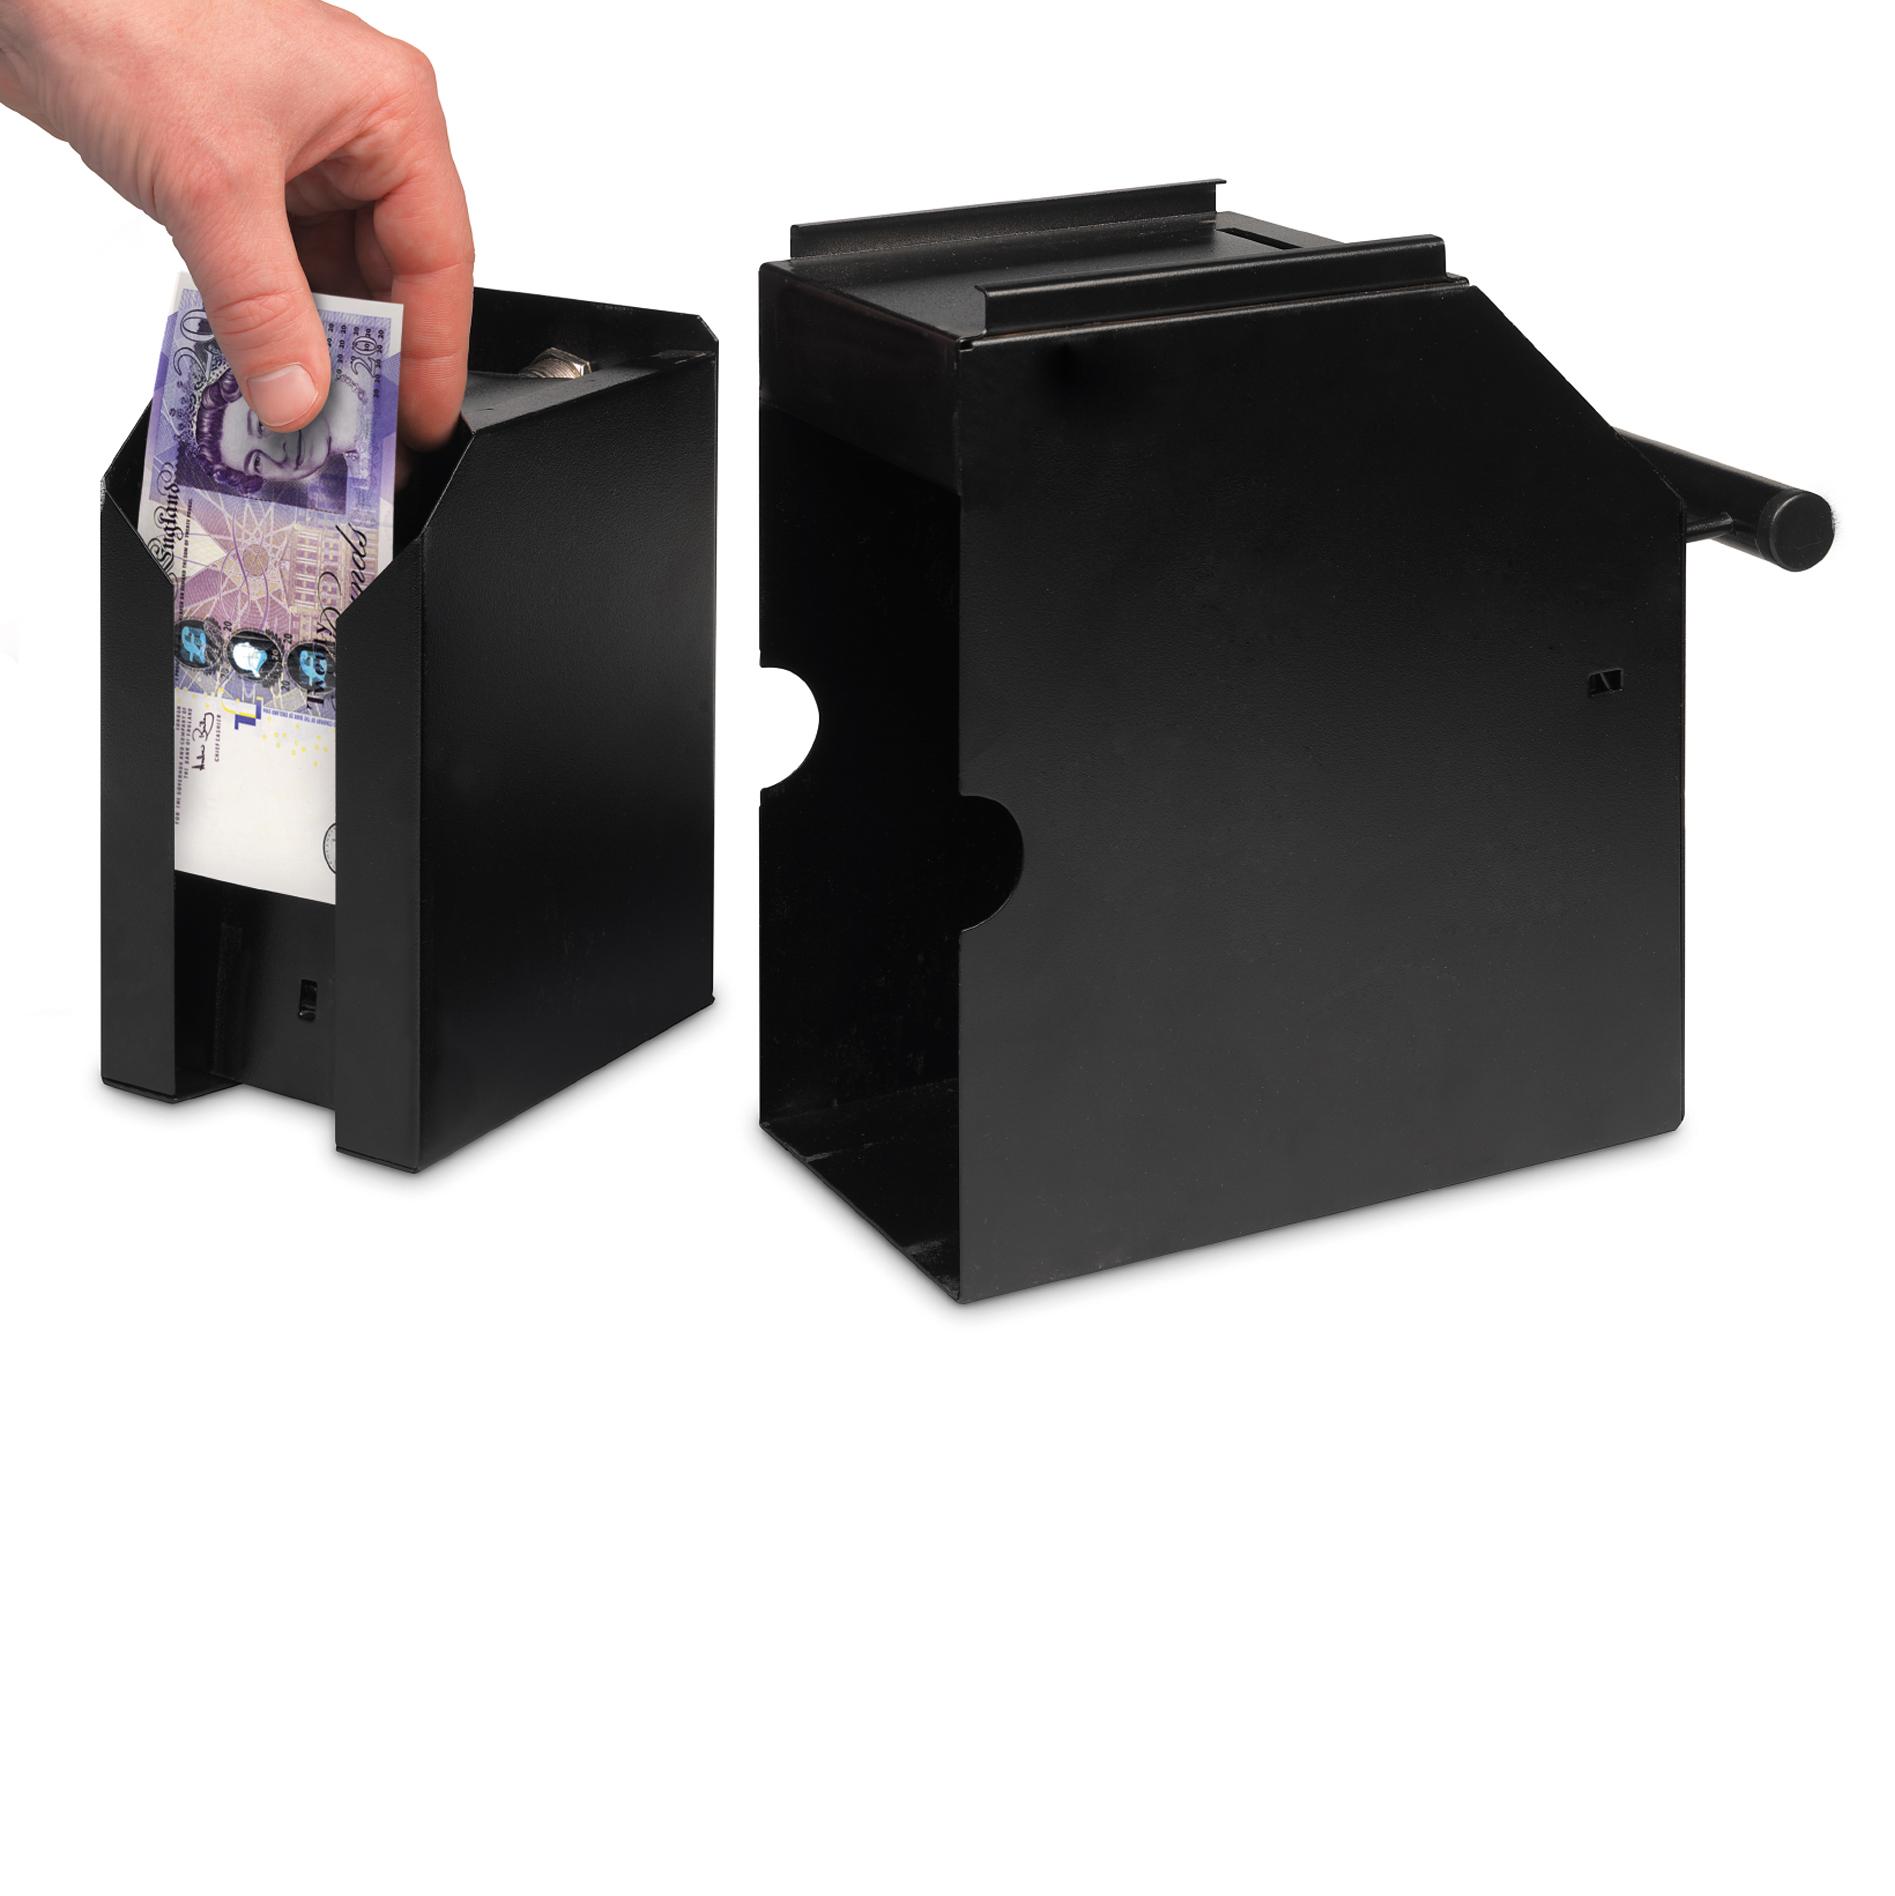 Safescan 4100 POS Safe 2.2kg L225xW102xH190mm Steel Black Ref 121-0276